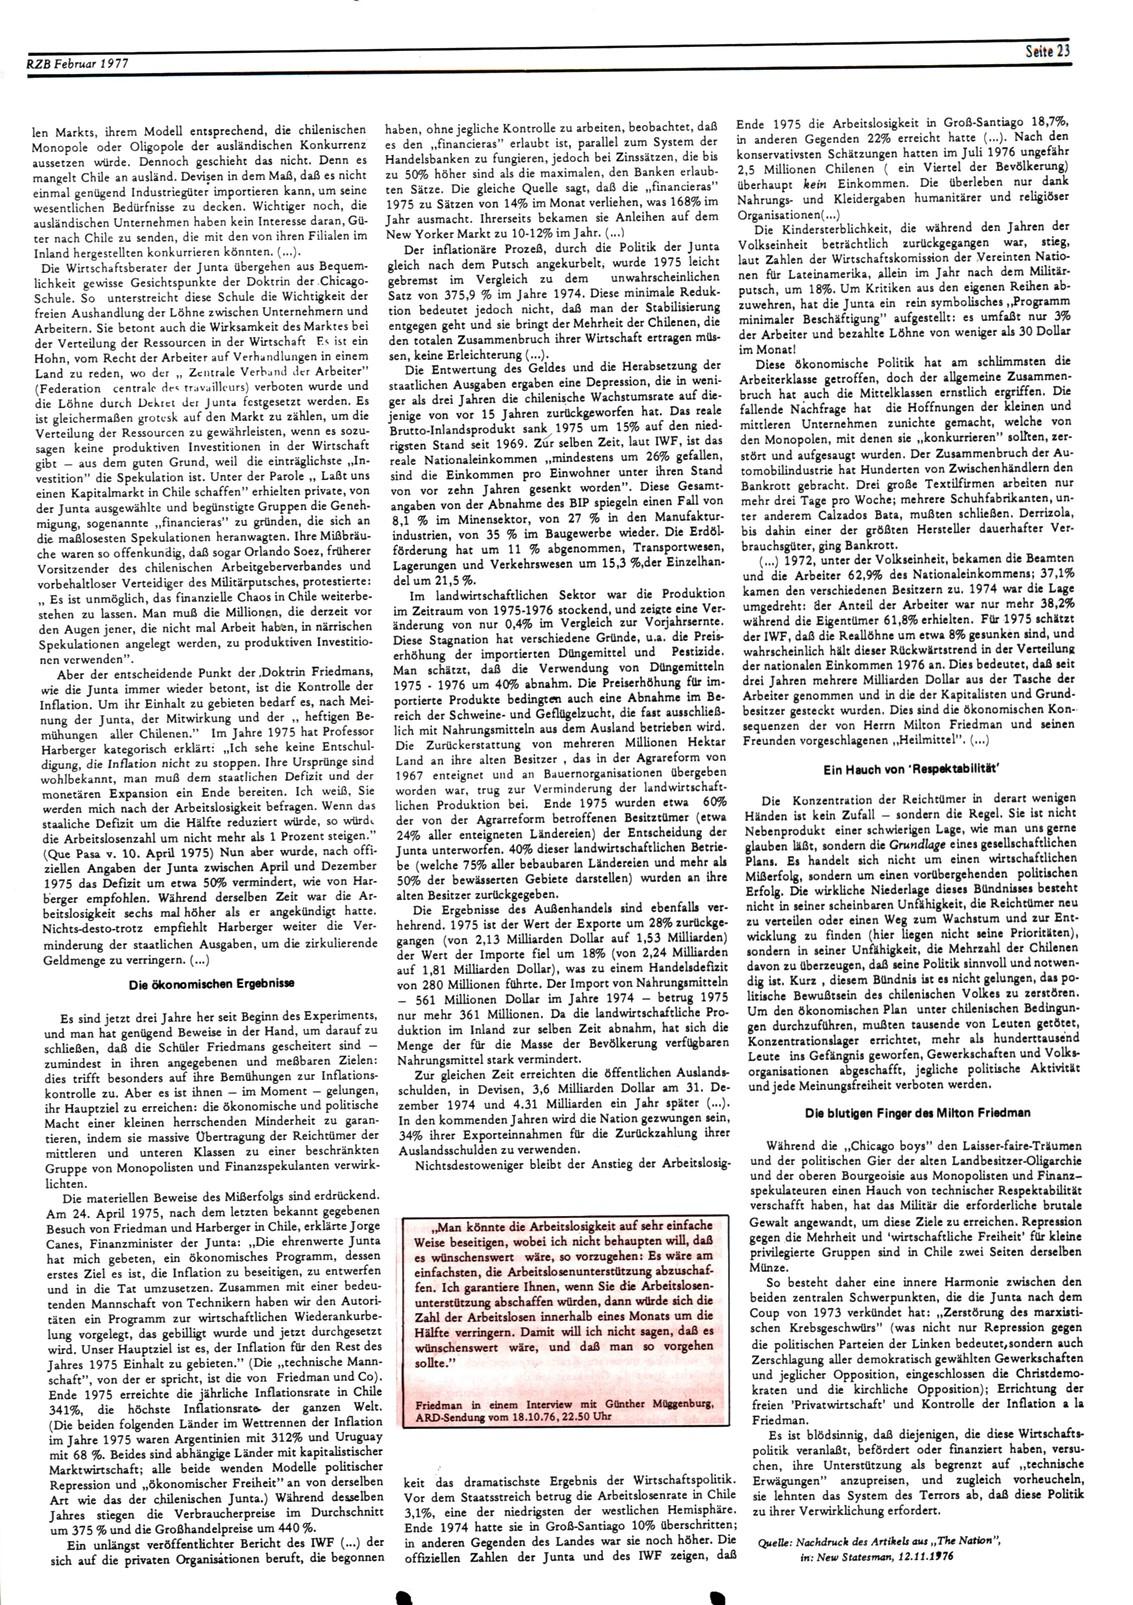 Bonn_RZ_07_08_19770200_23